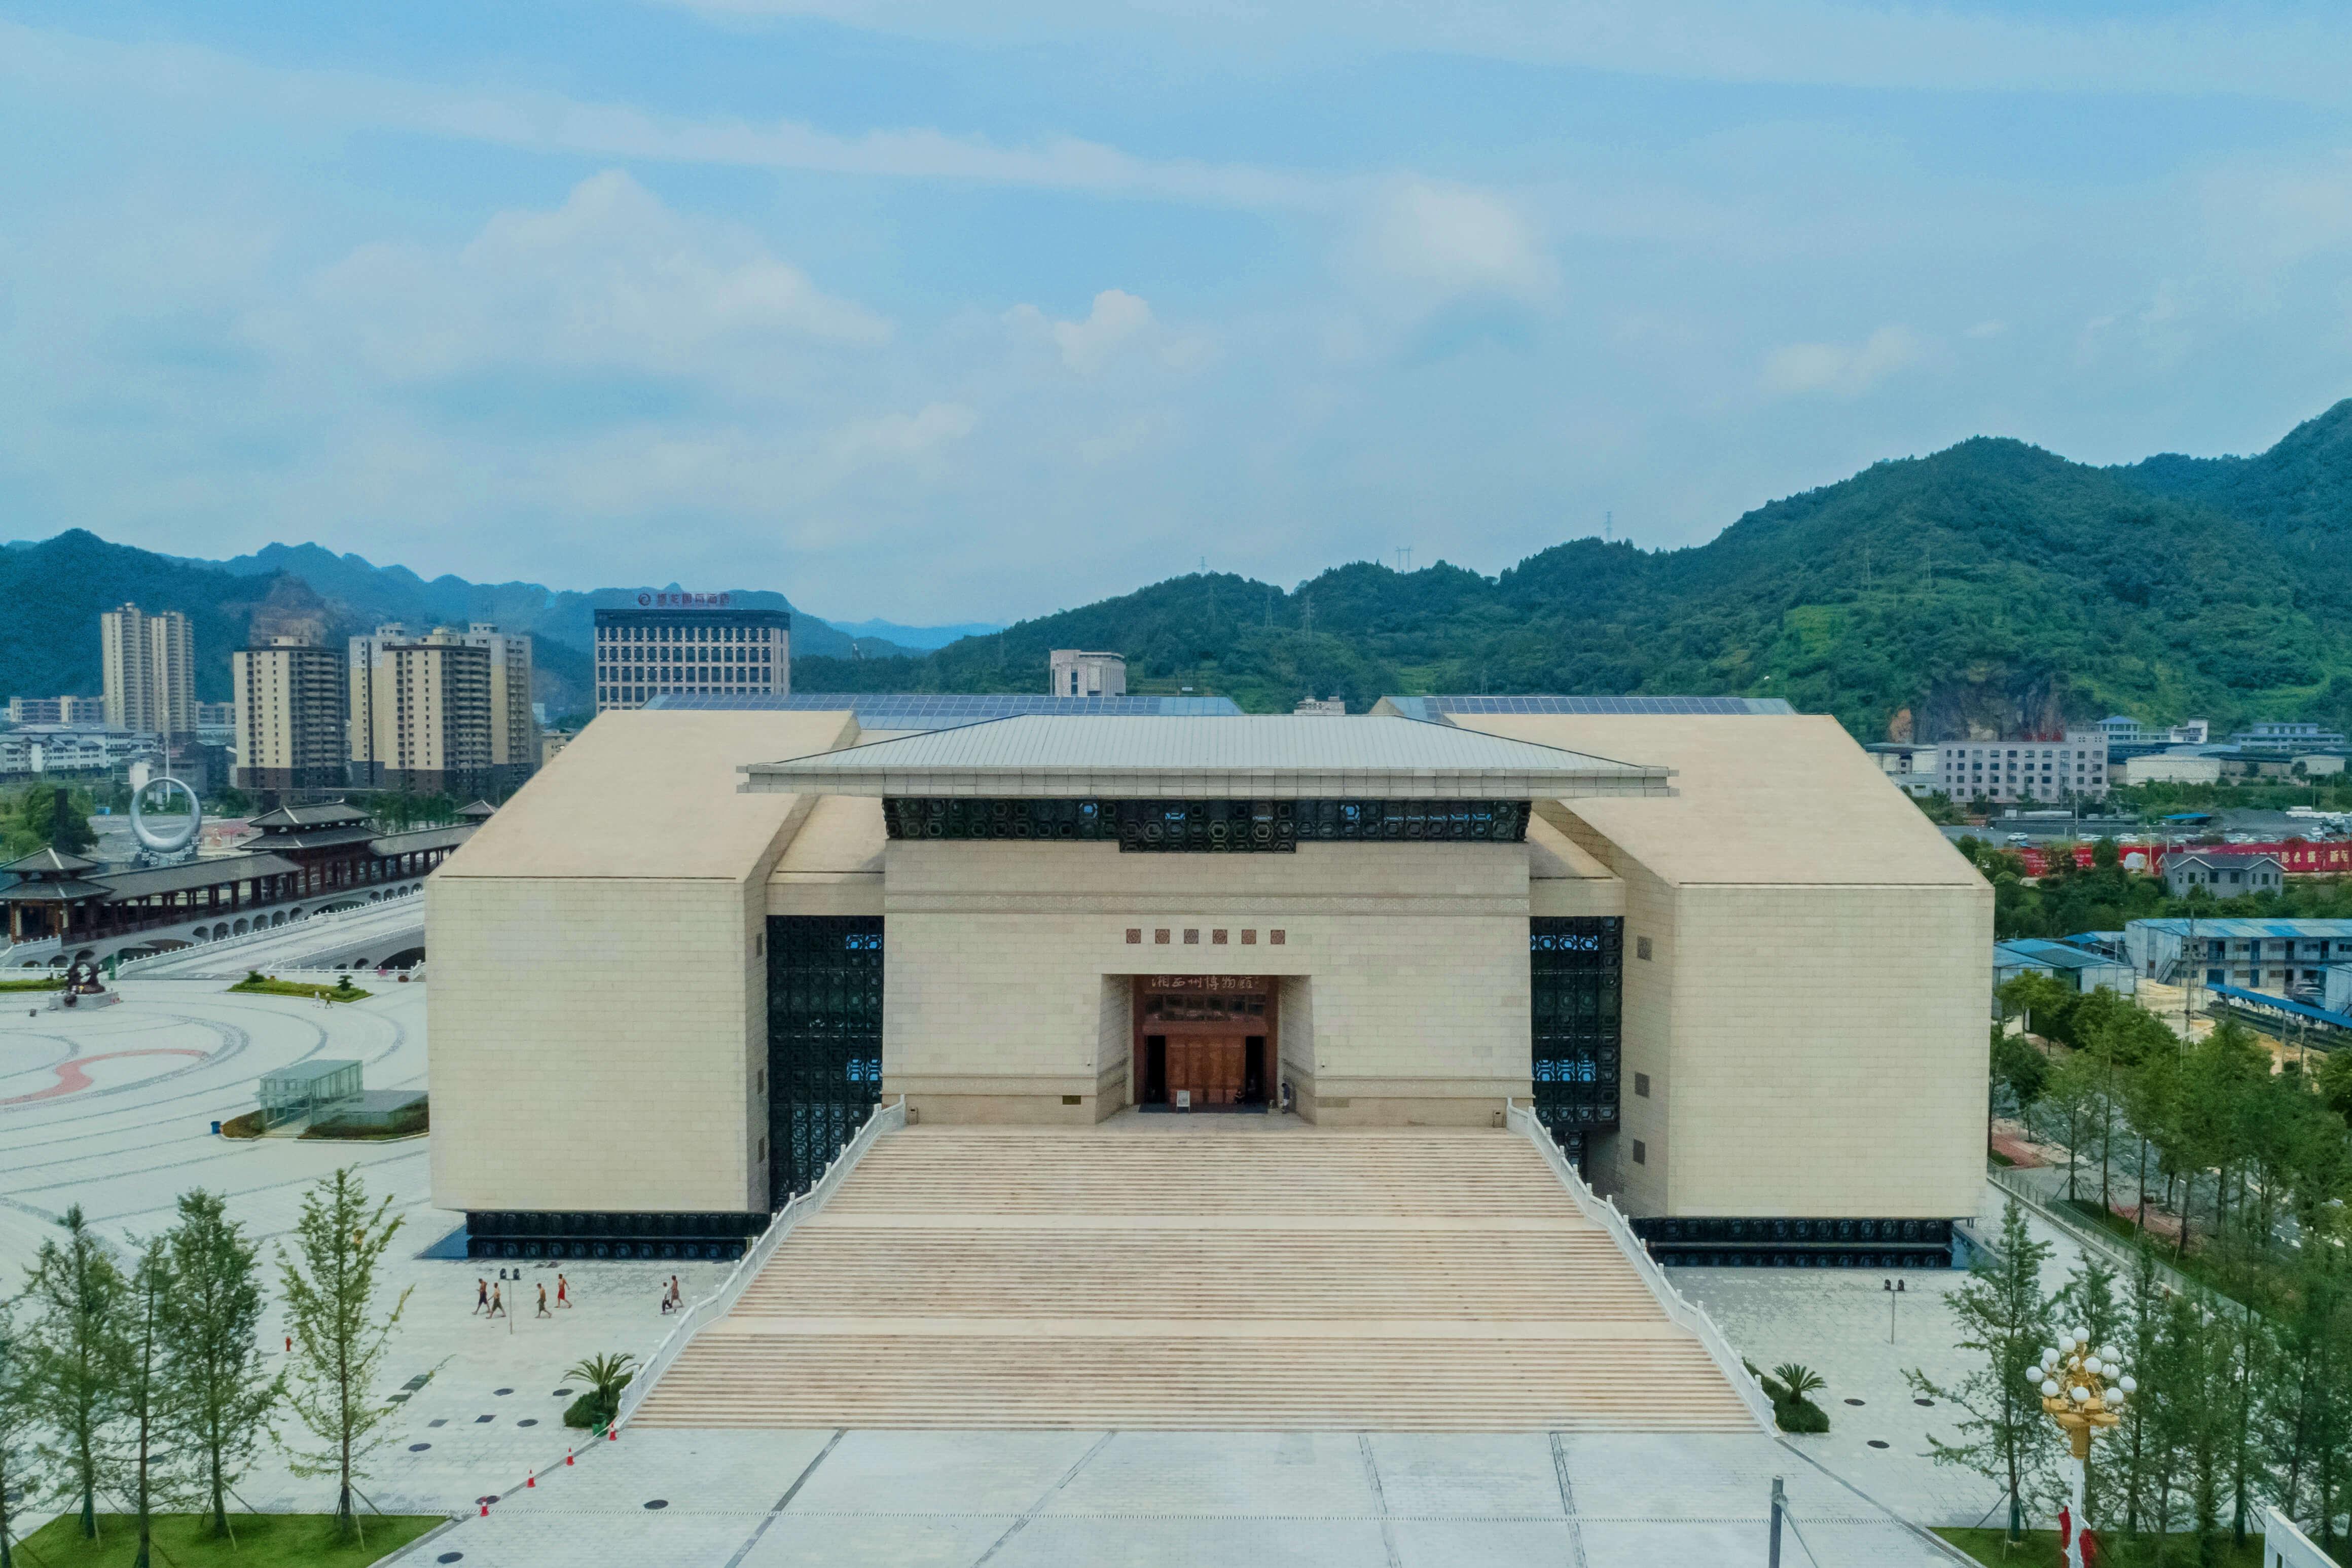 38湘西武陵山文化园项目(获2018-2019第一批鲁班奖)-2